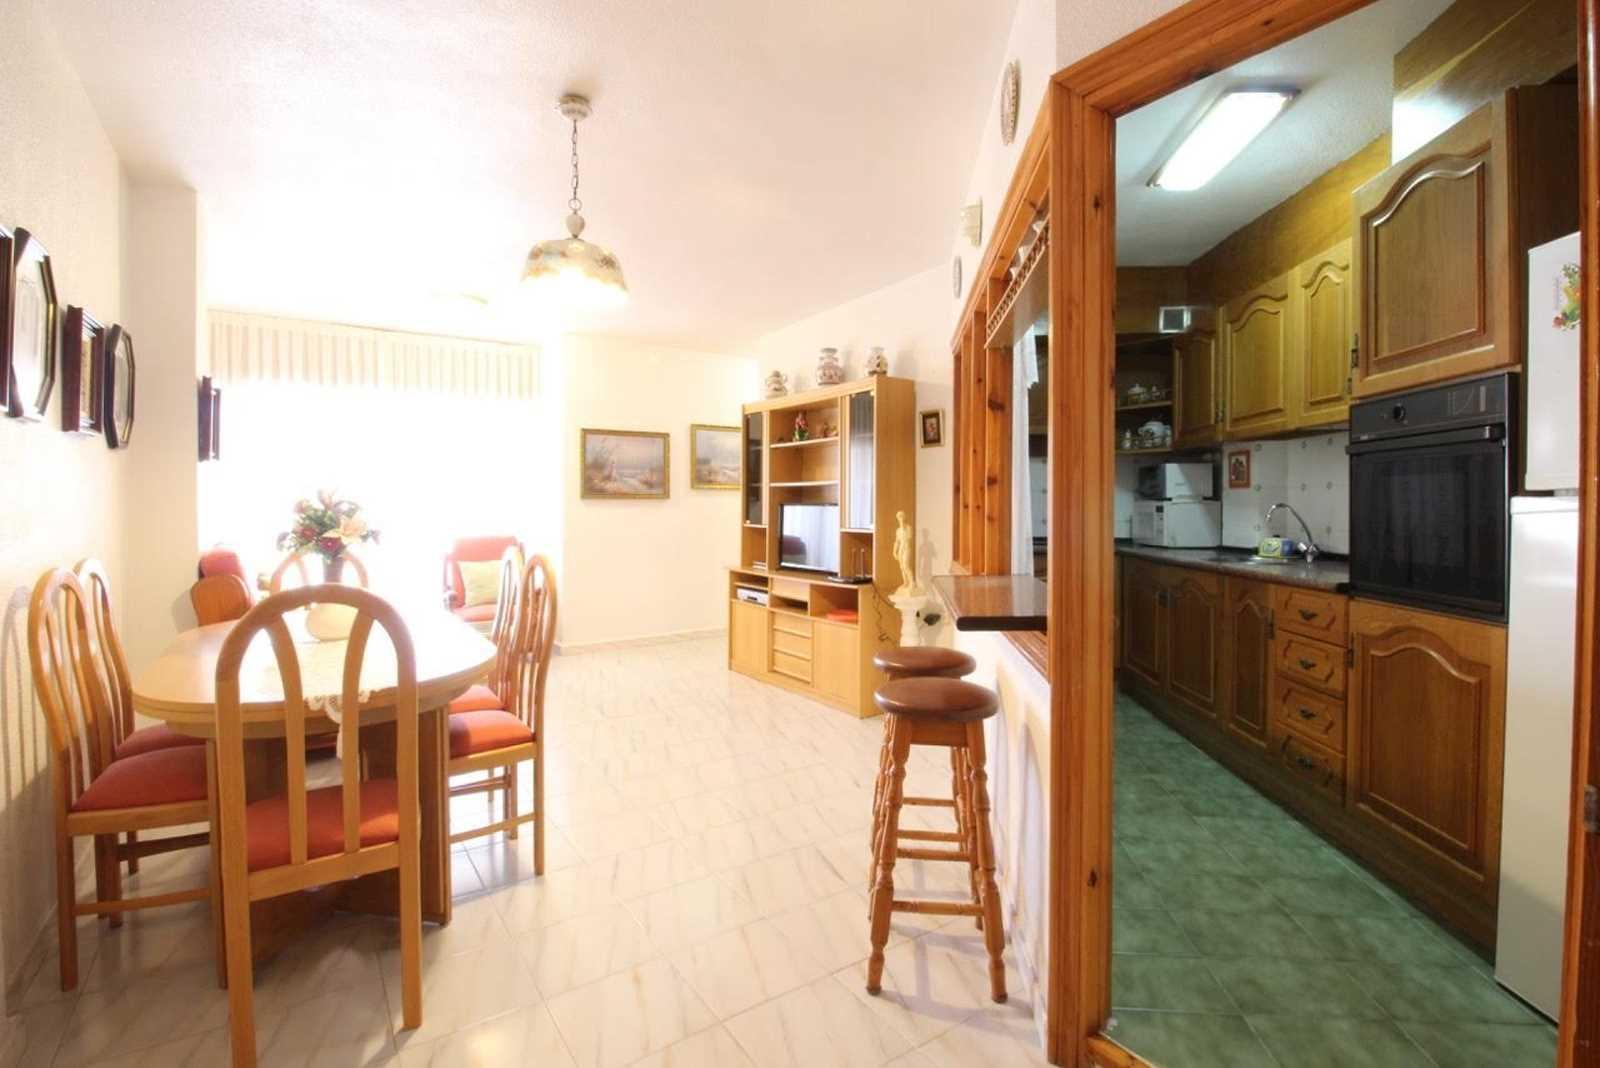 Apartamento de 2 habitaciones en Guardamar del Segura en alquiler vacacional con garaje - 400 € (Ref: 3782296)